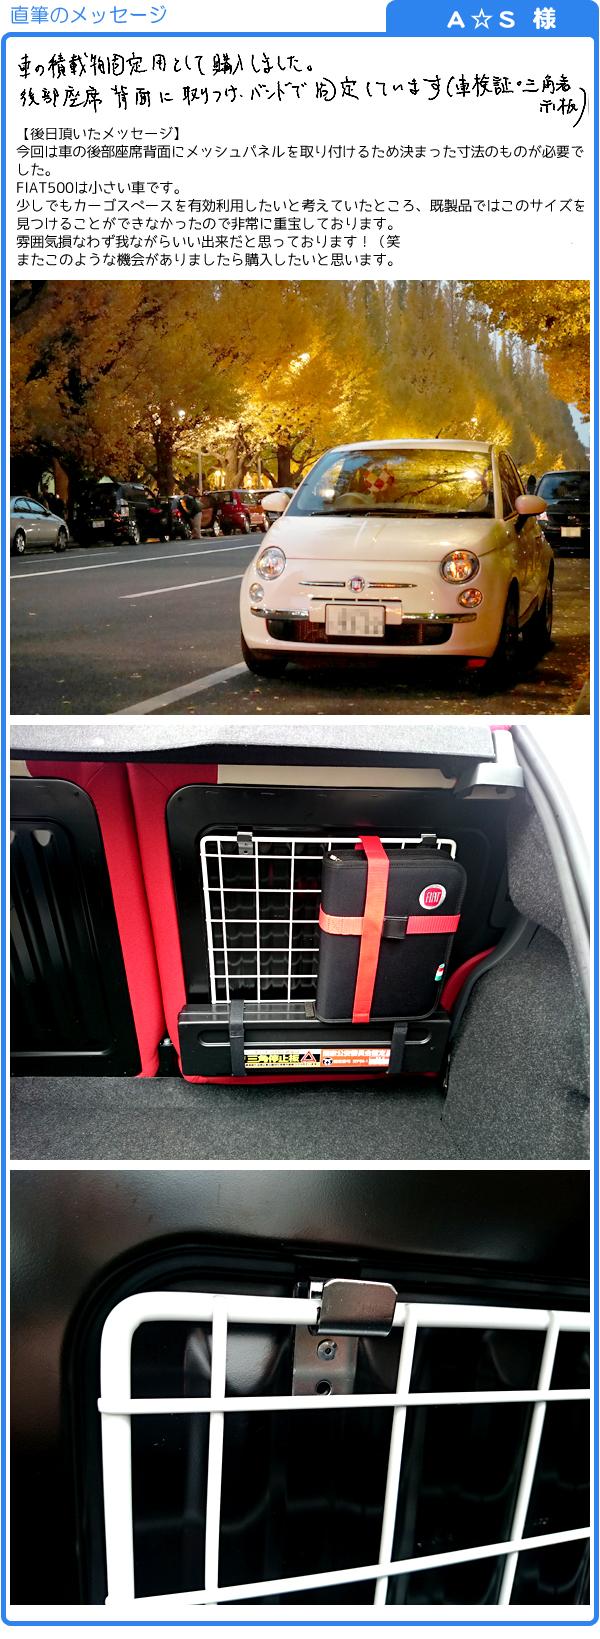 車の積載物固定用として購入しました。